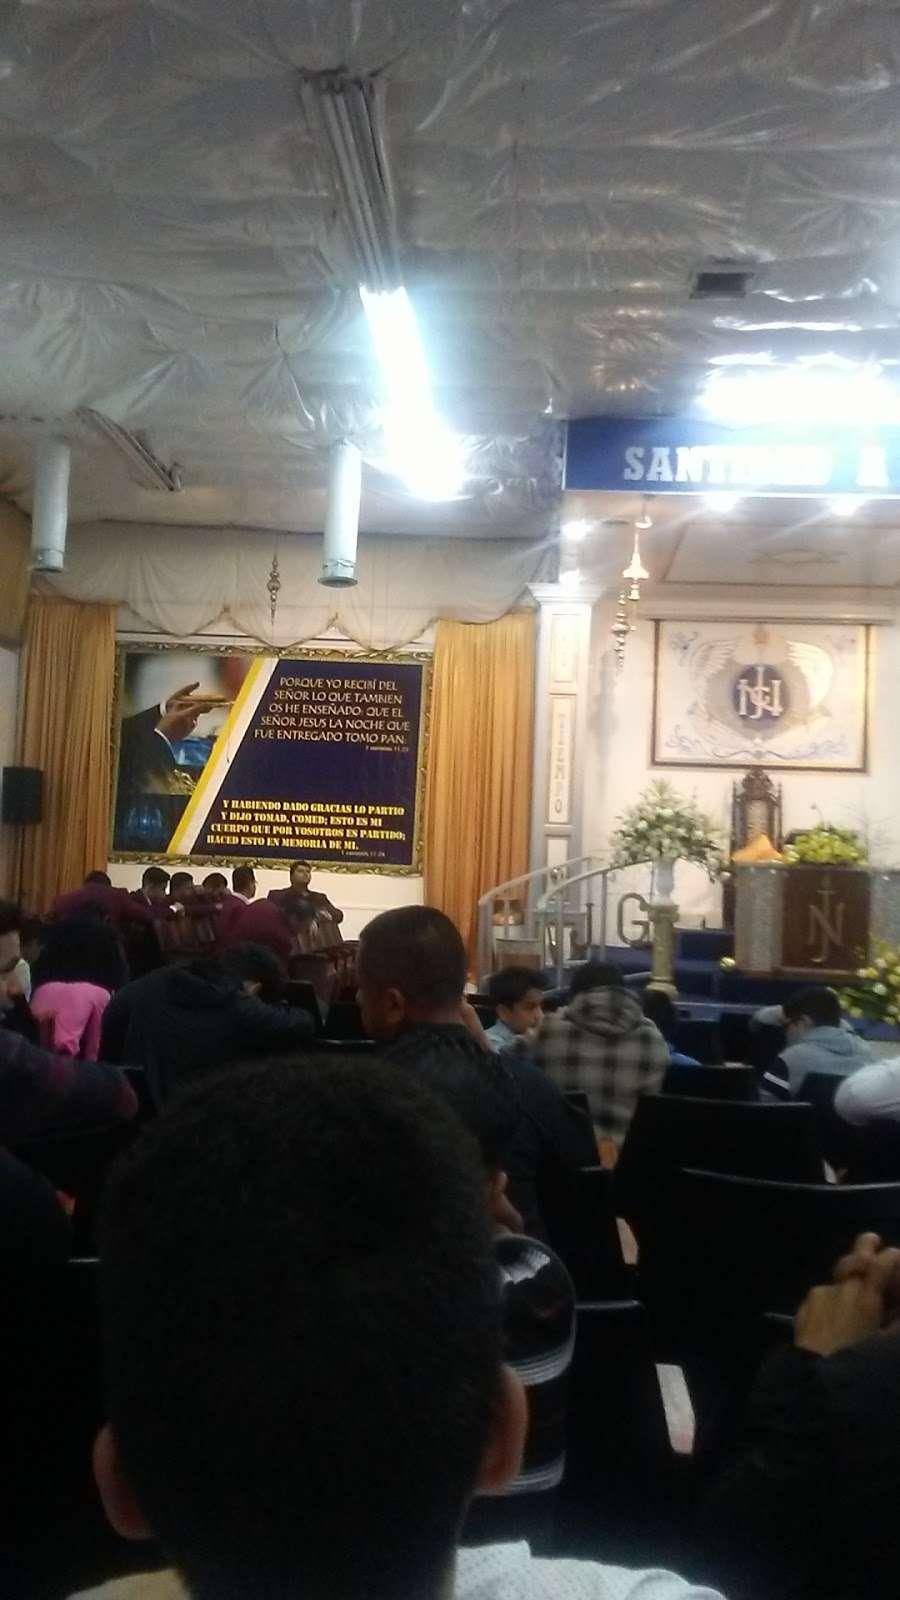 Iglesia La Luz Del Mundo - church  | Photo 6 of 10 | Address: 9645 Parkton Rd, Charlotte, NC 28215, USA